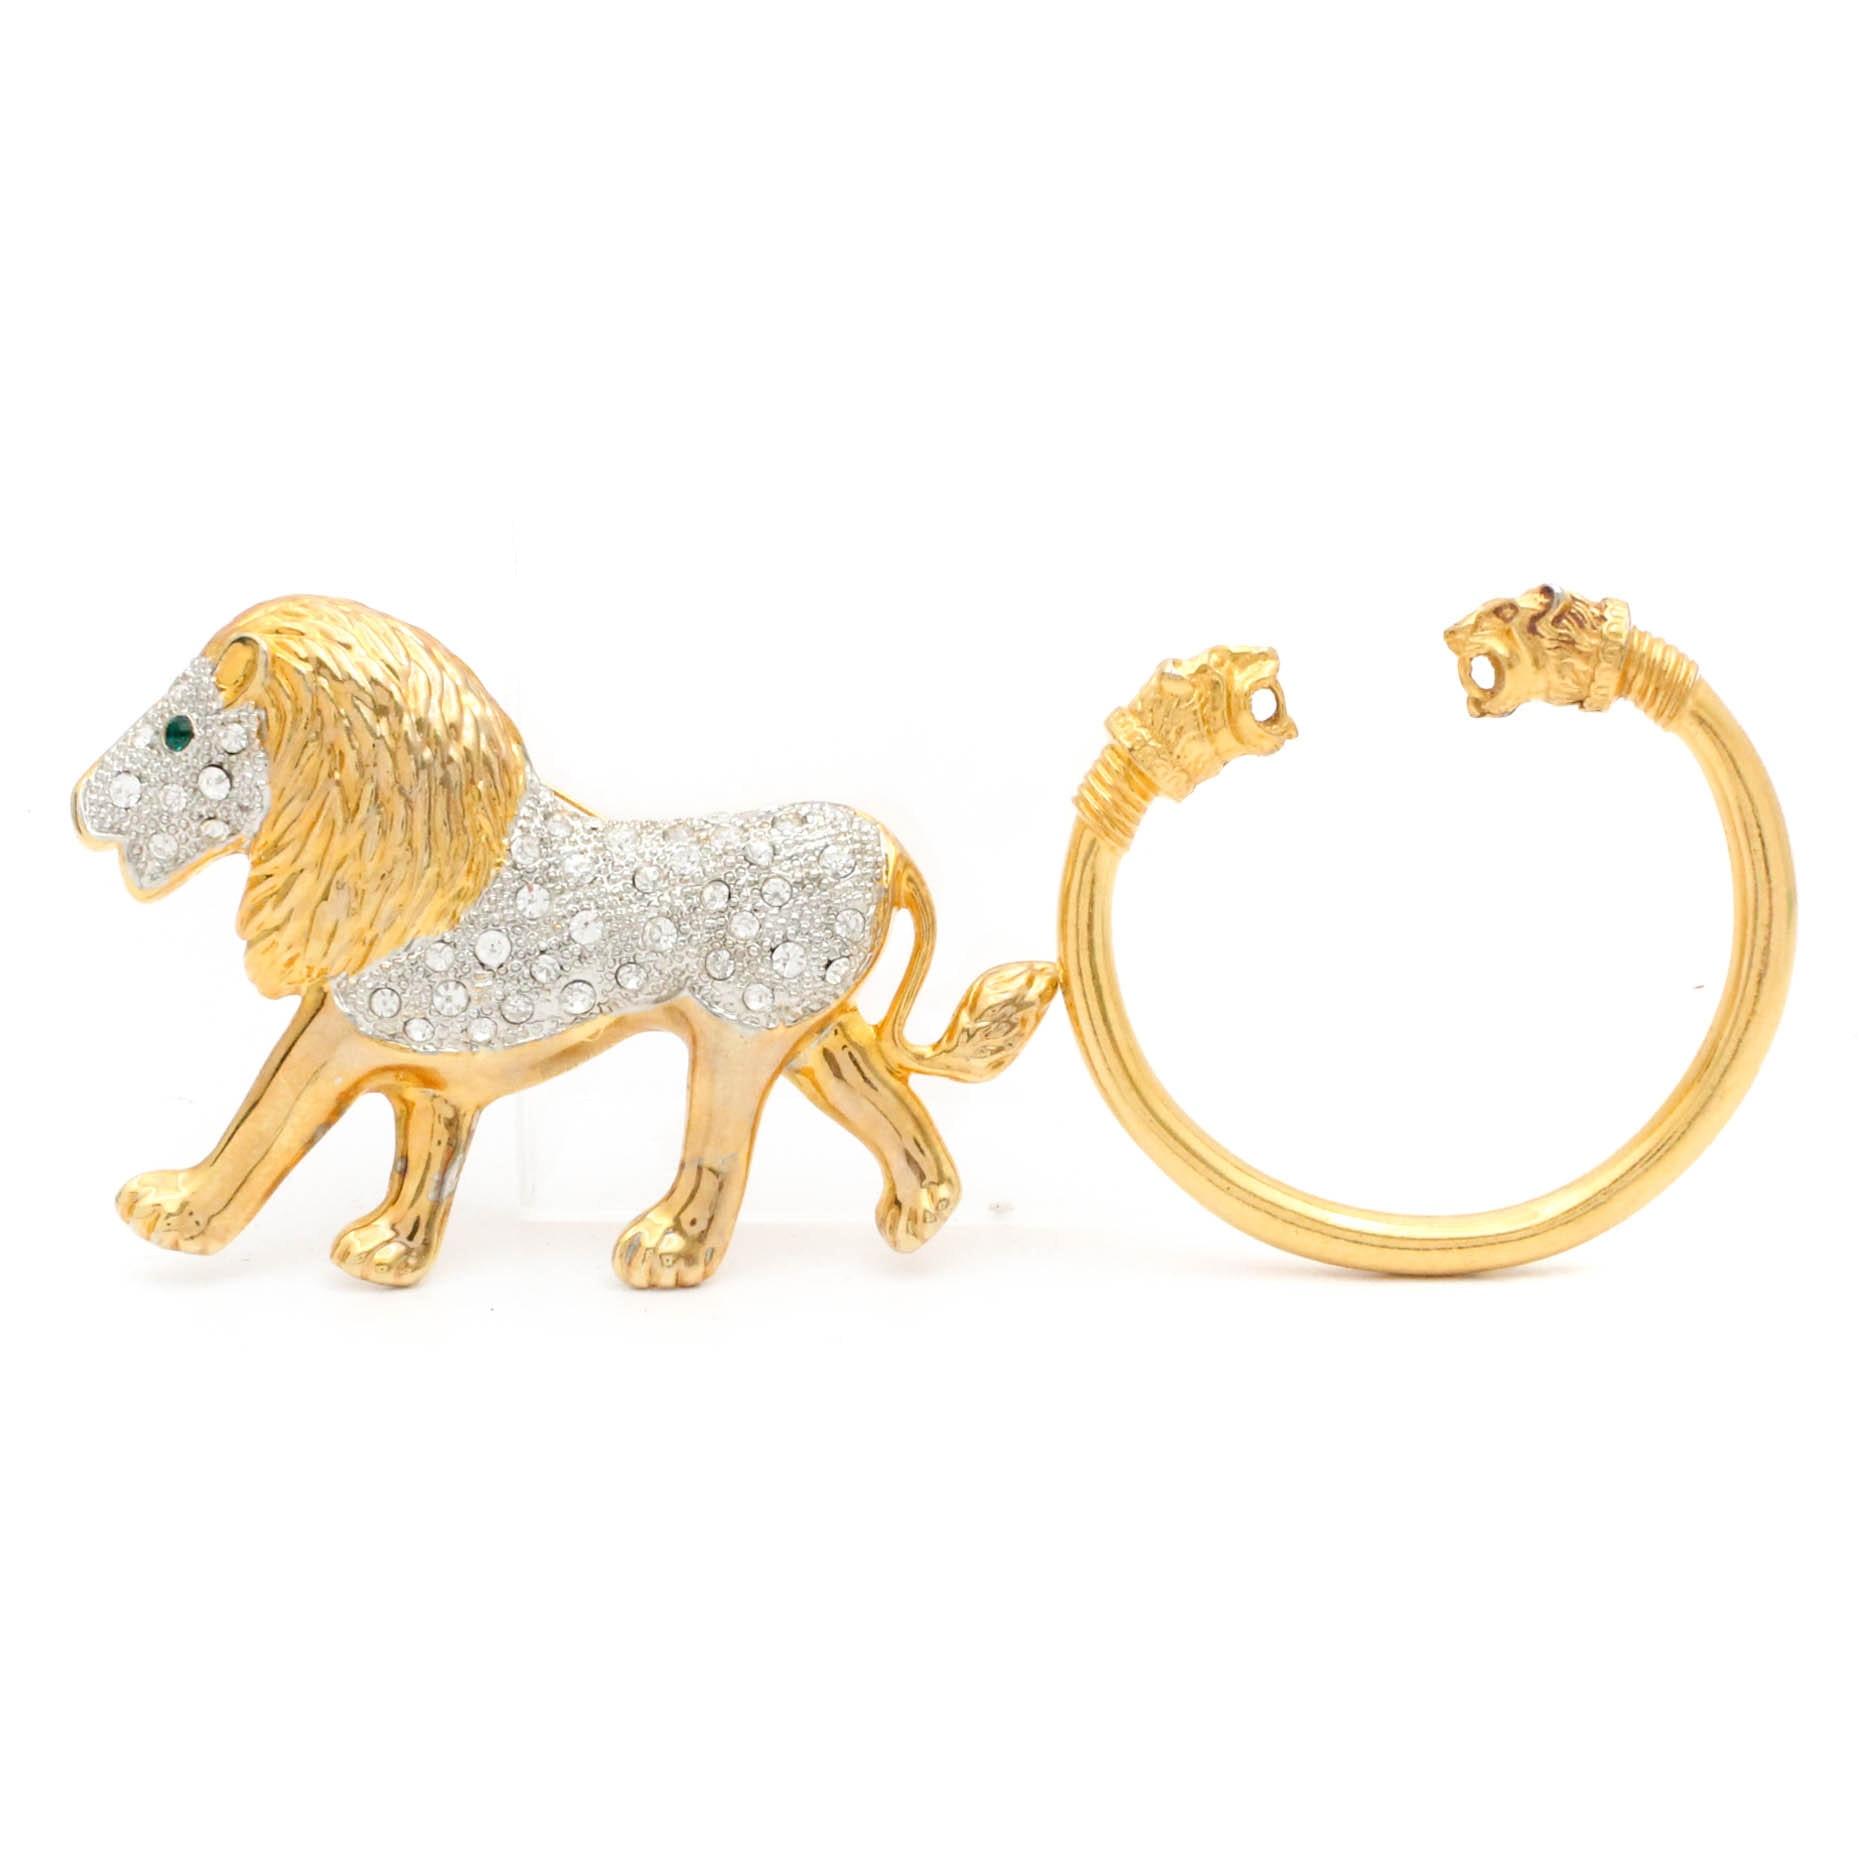 Gold Tone Big Cat Jewelry